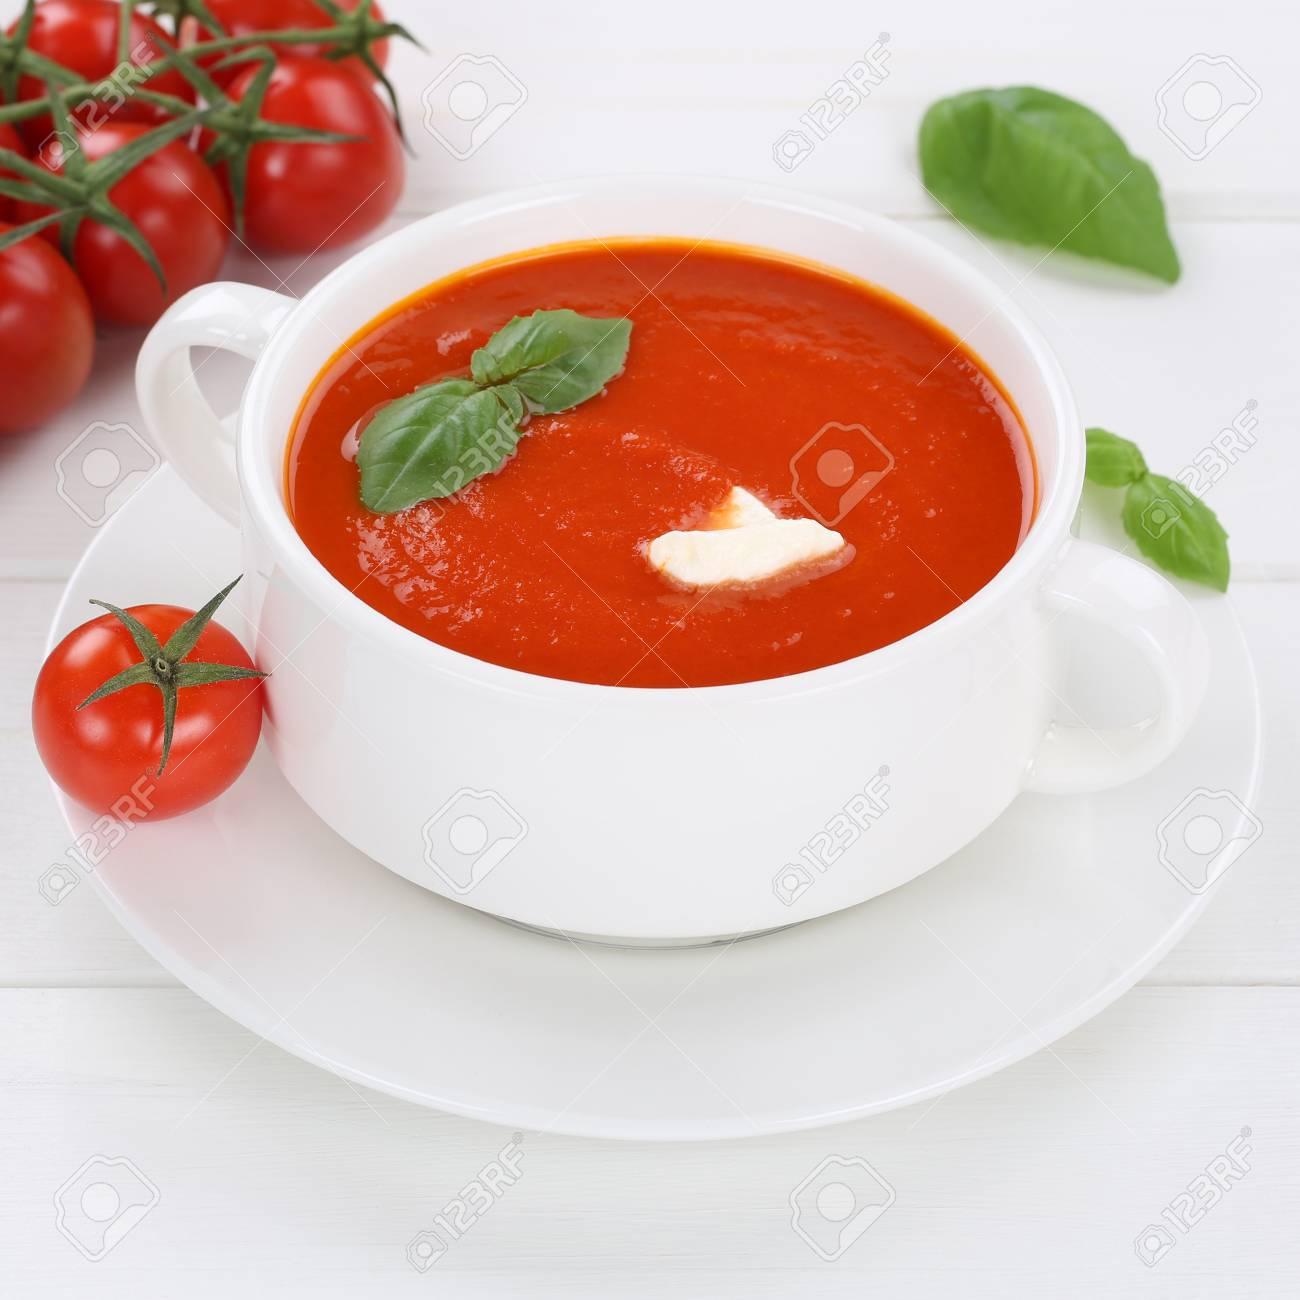 Gesunde Ernährung Tomatensuppe Mahlzeit Mit Frischen Tomaten In Der